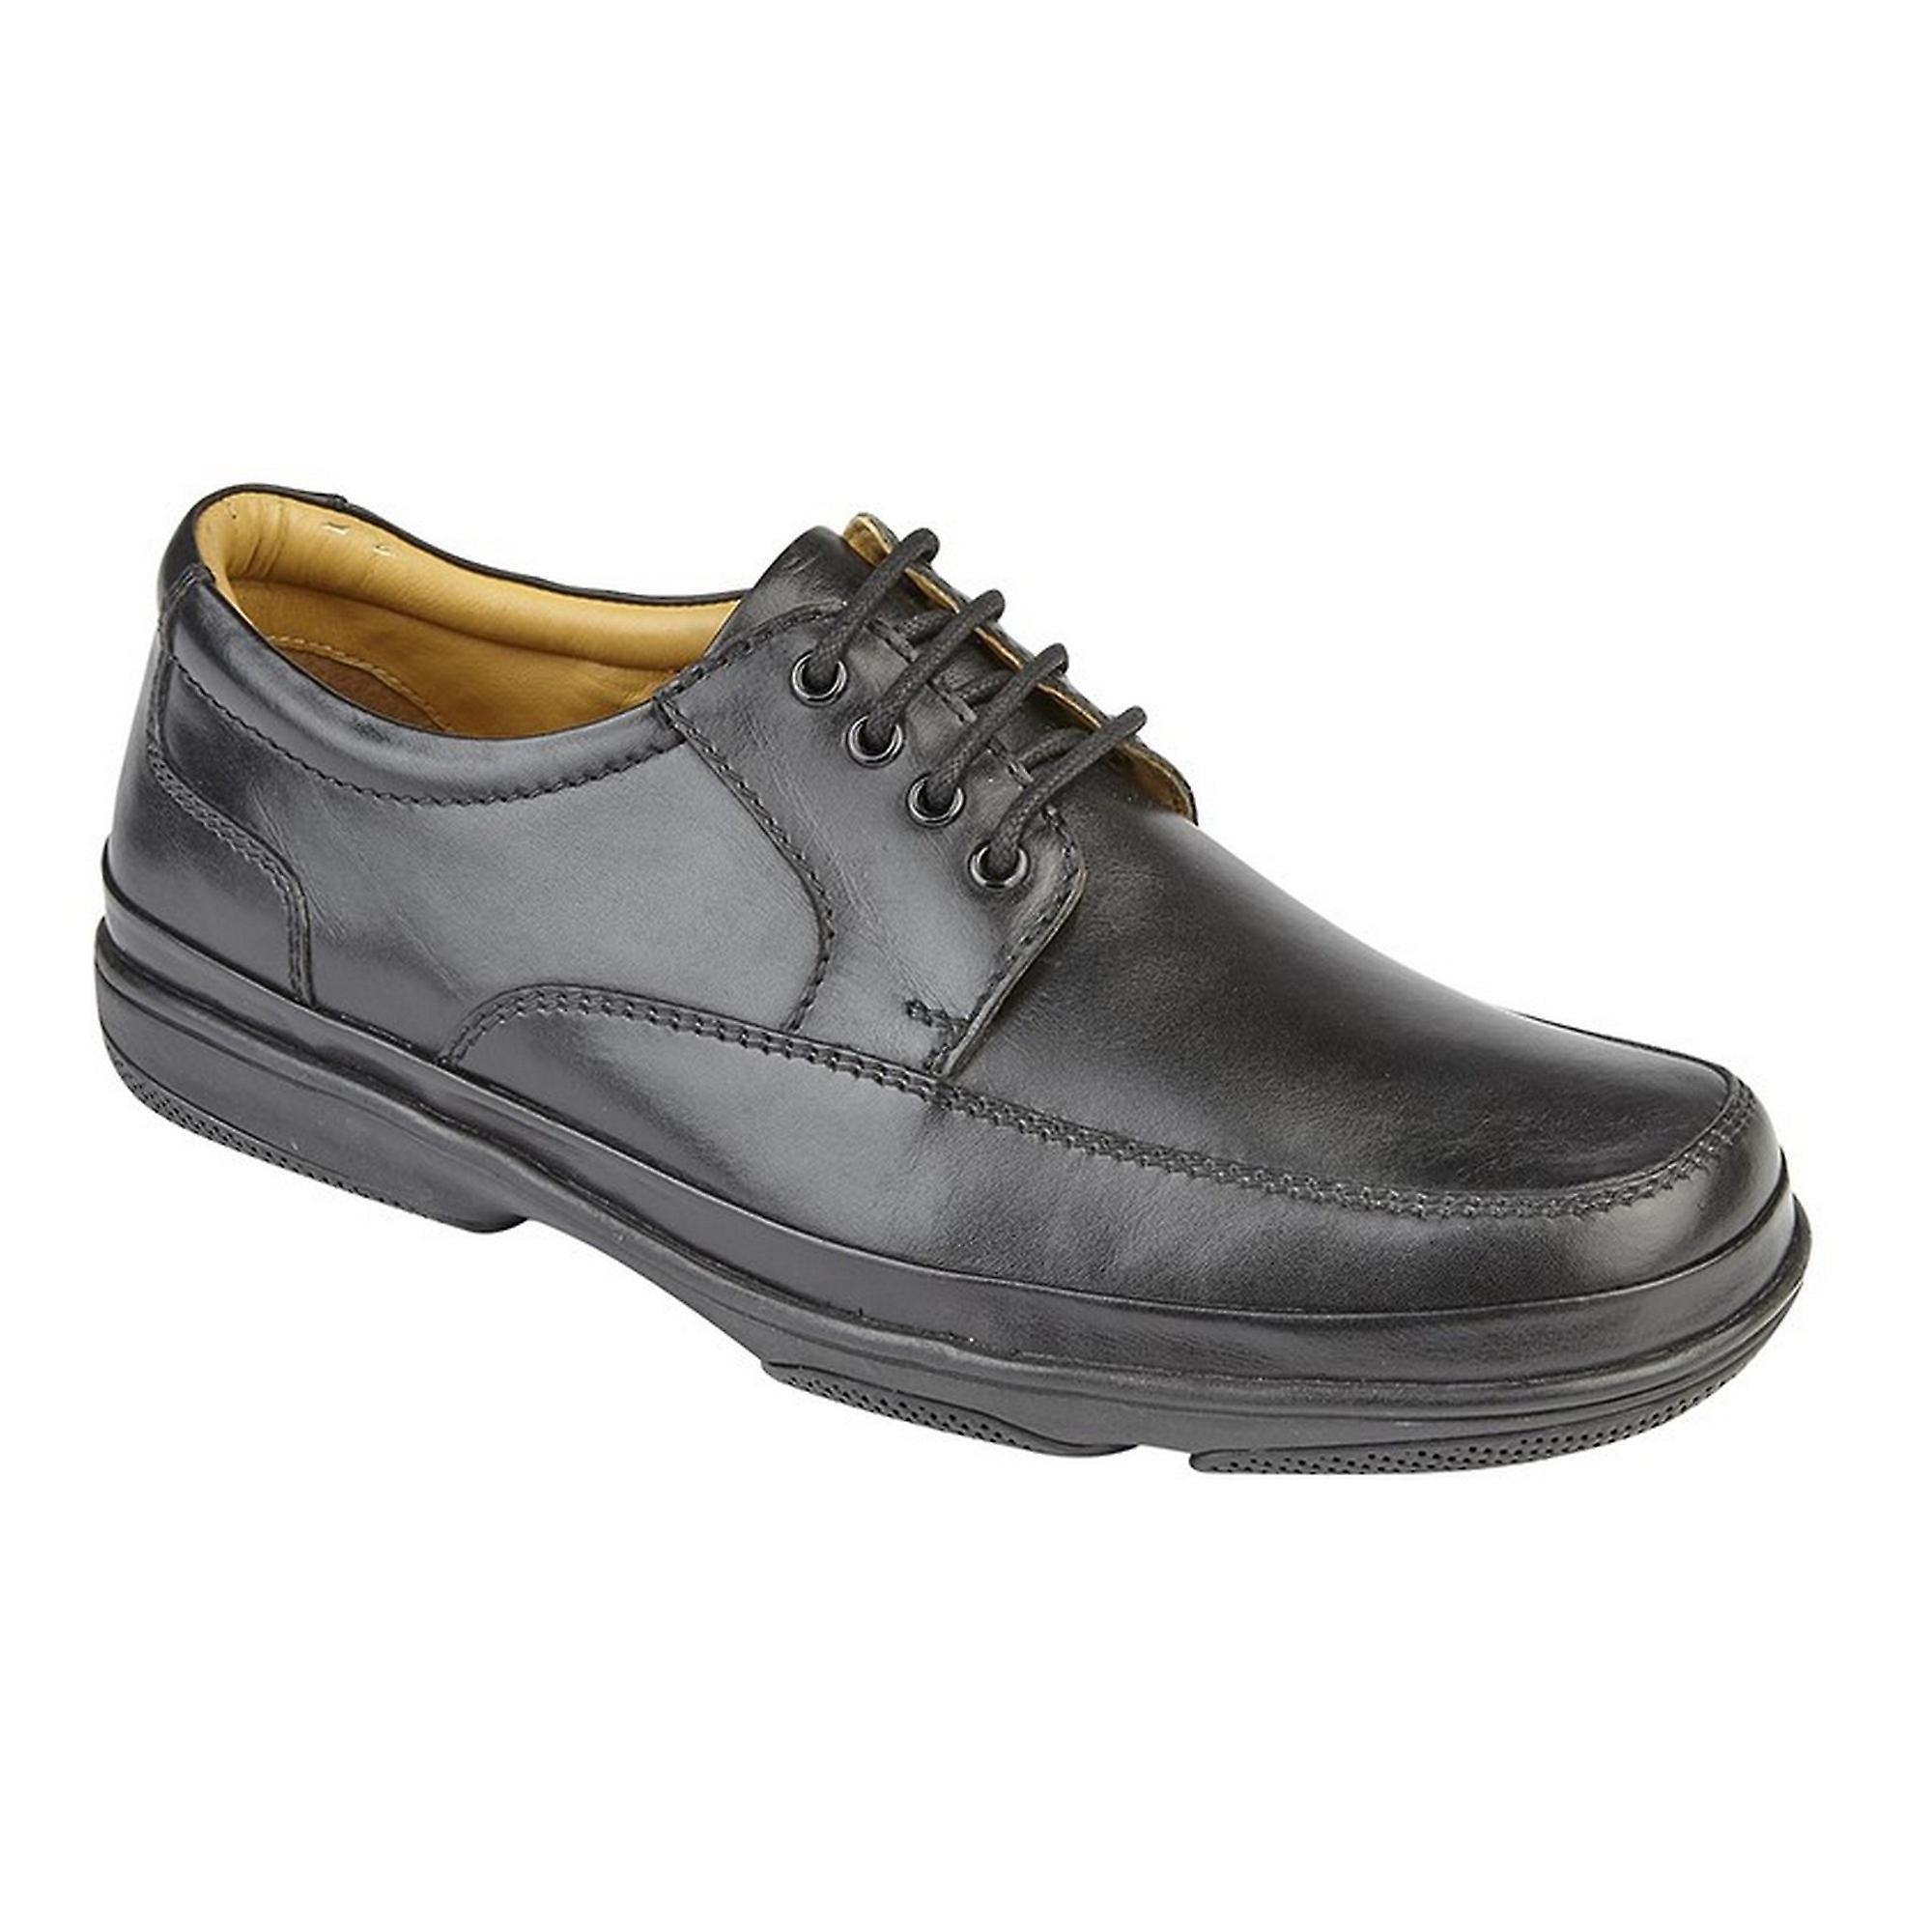 Roamers Mens cuoio larga misura occhio 4 Deluxe scarpe Casual qWW5hO